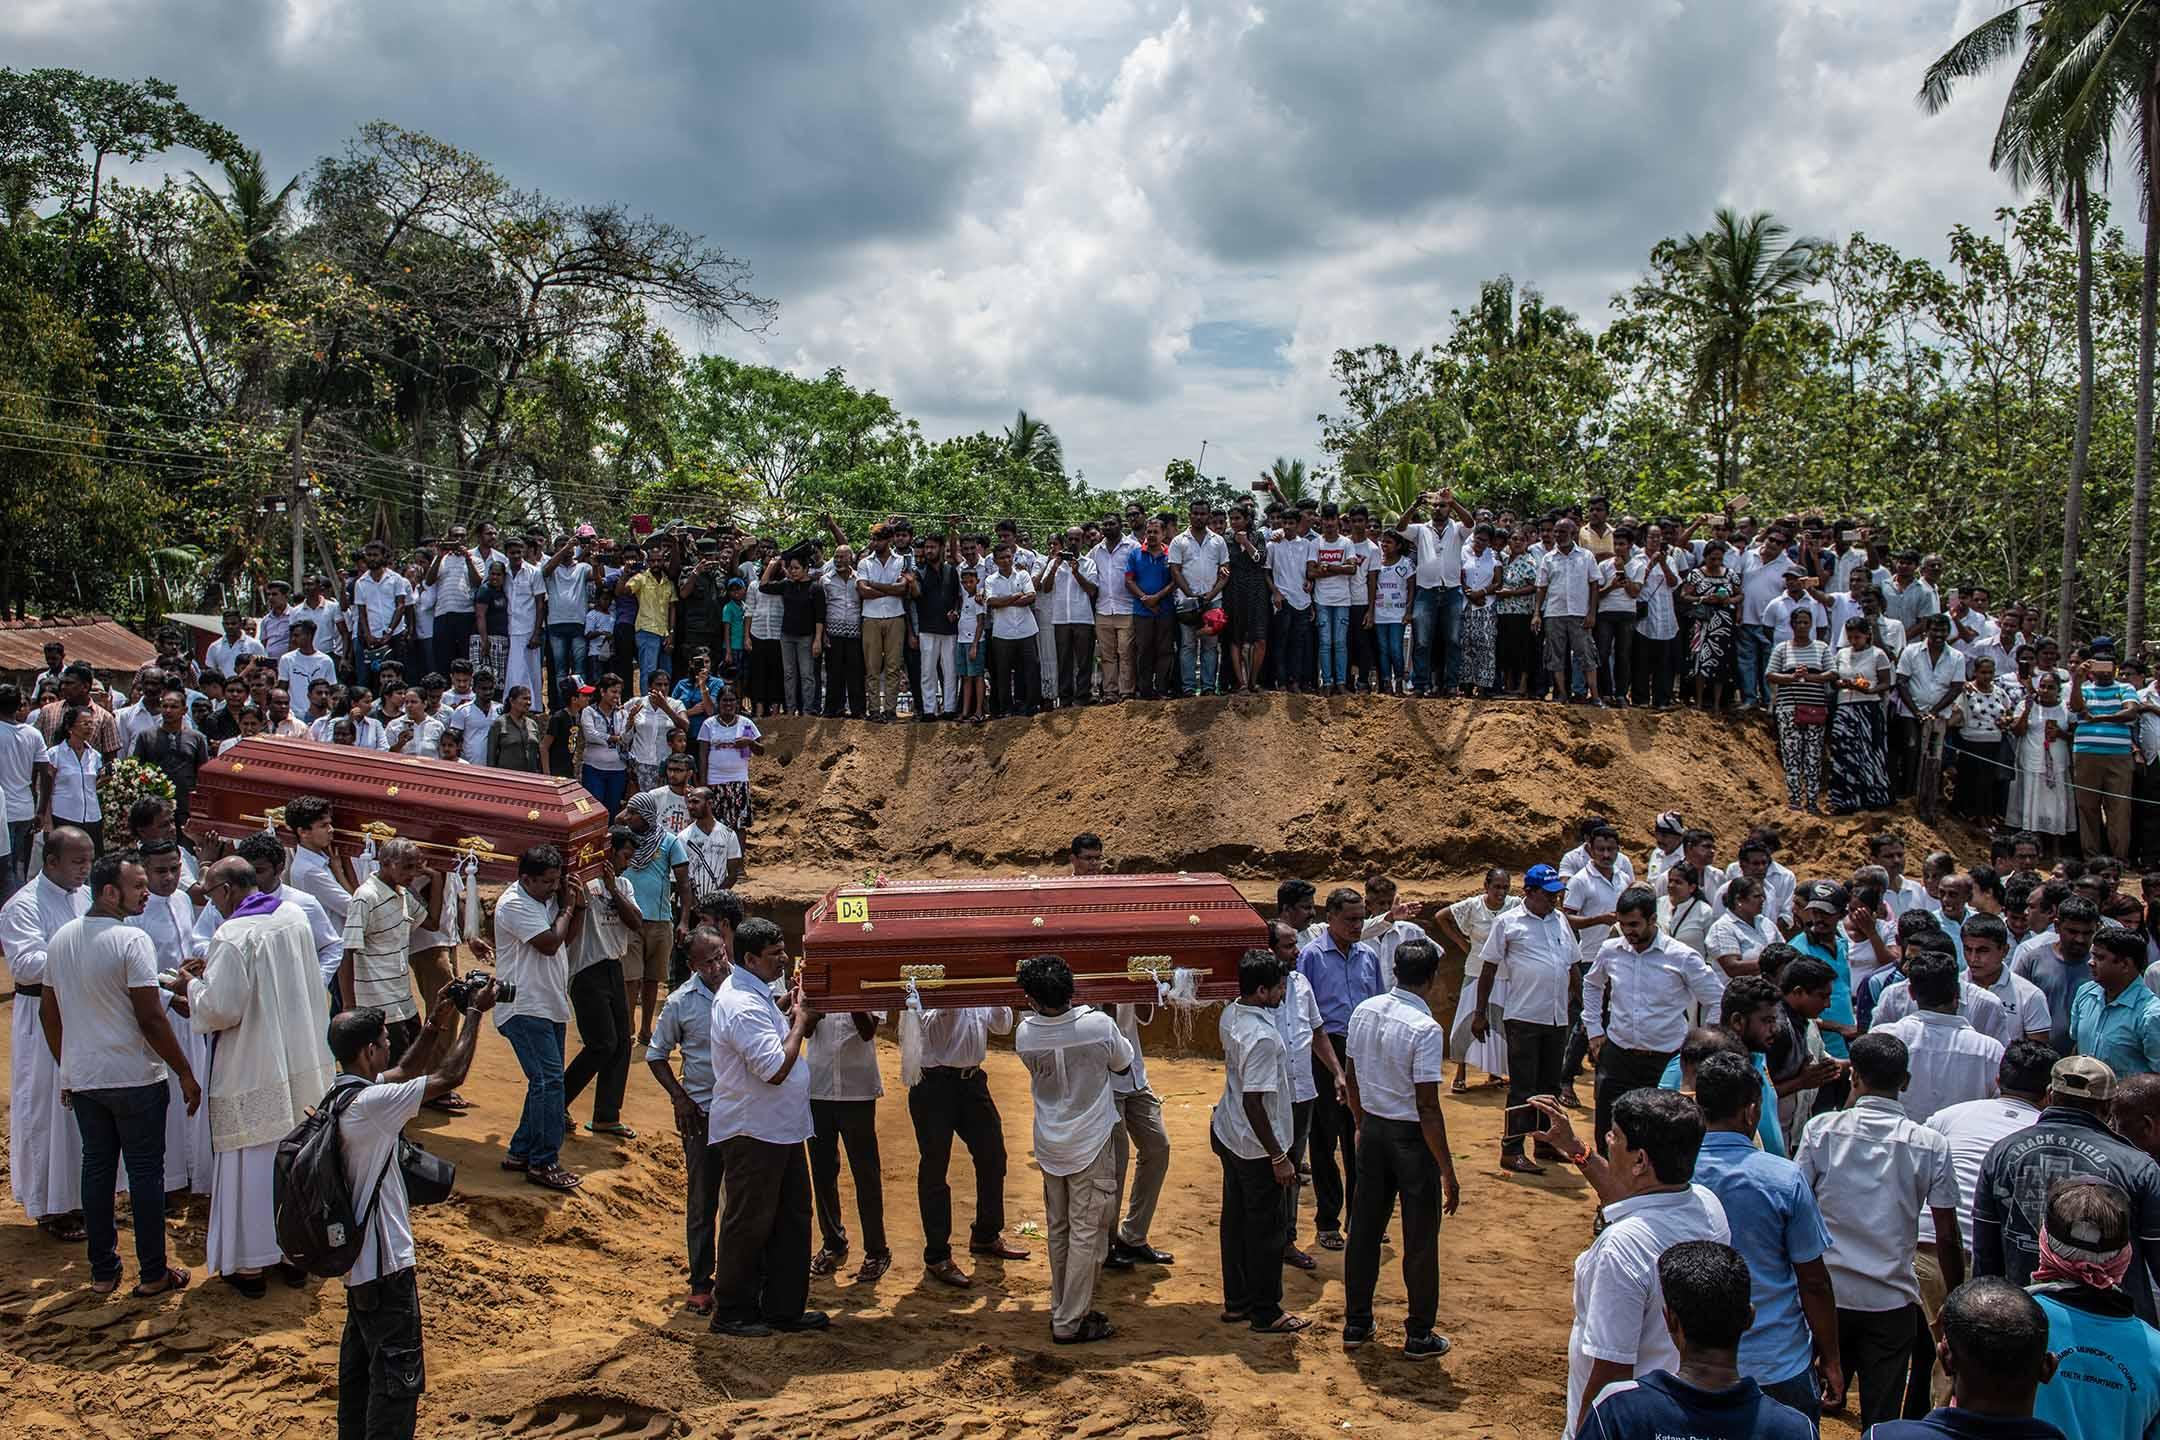 2019年4月23日,斯里蘭卡尼甘布的聖塞巴斯蒂安教堂舉行大規模的葬禮。 攝:Carl Court/Getty Images